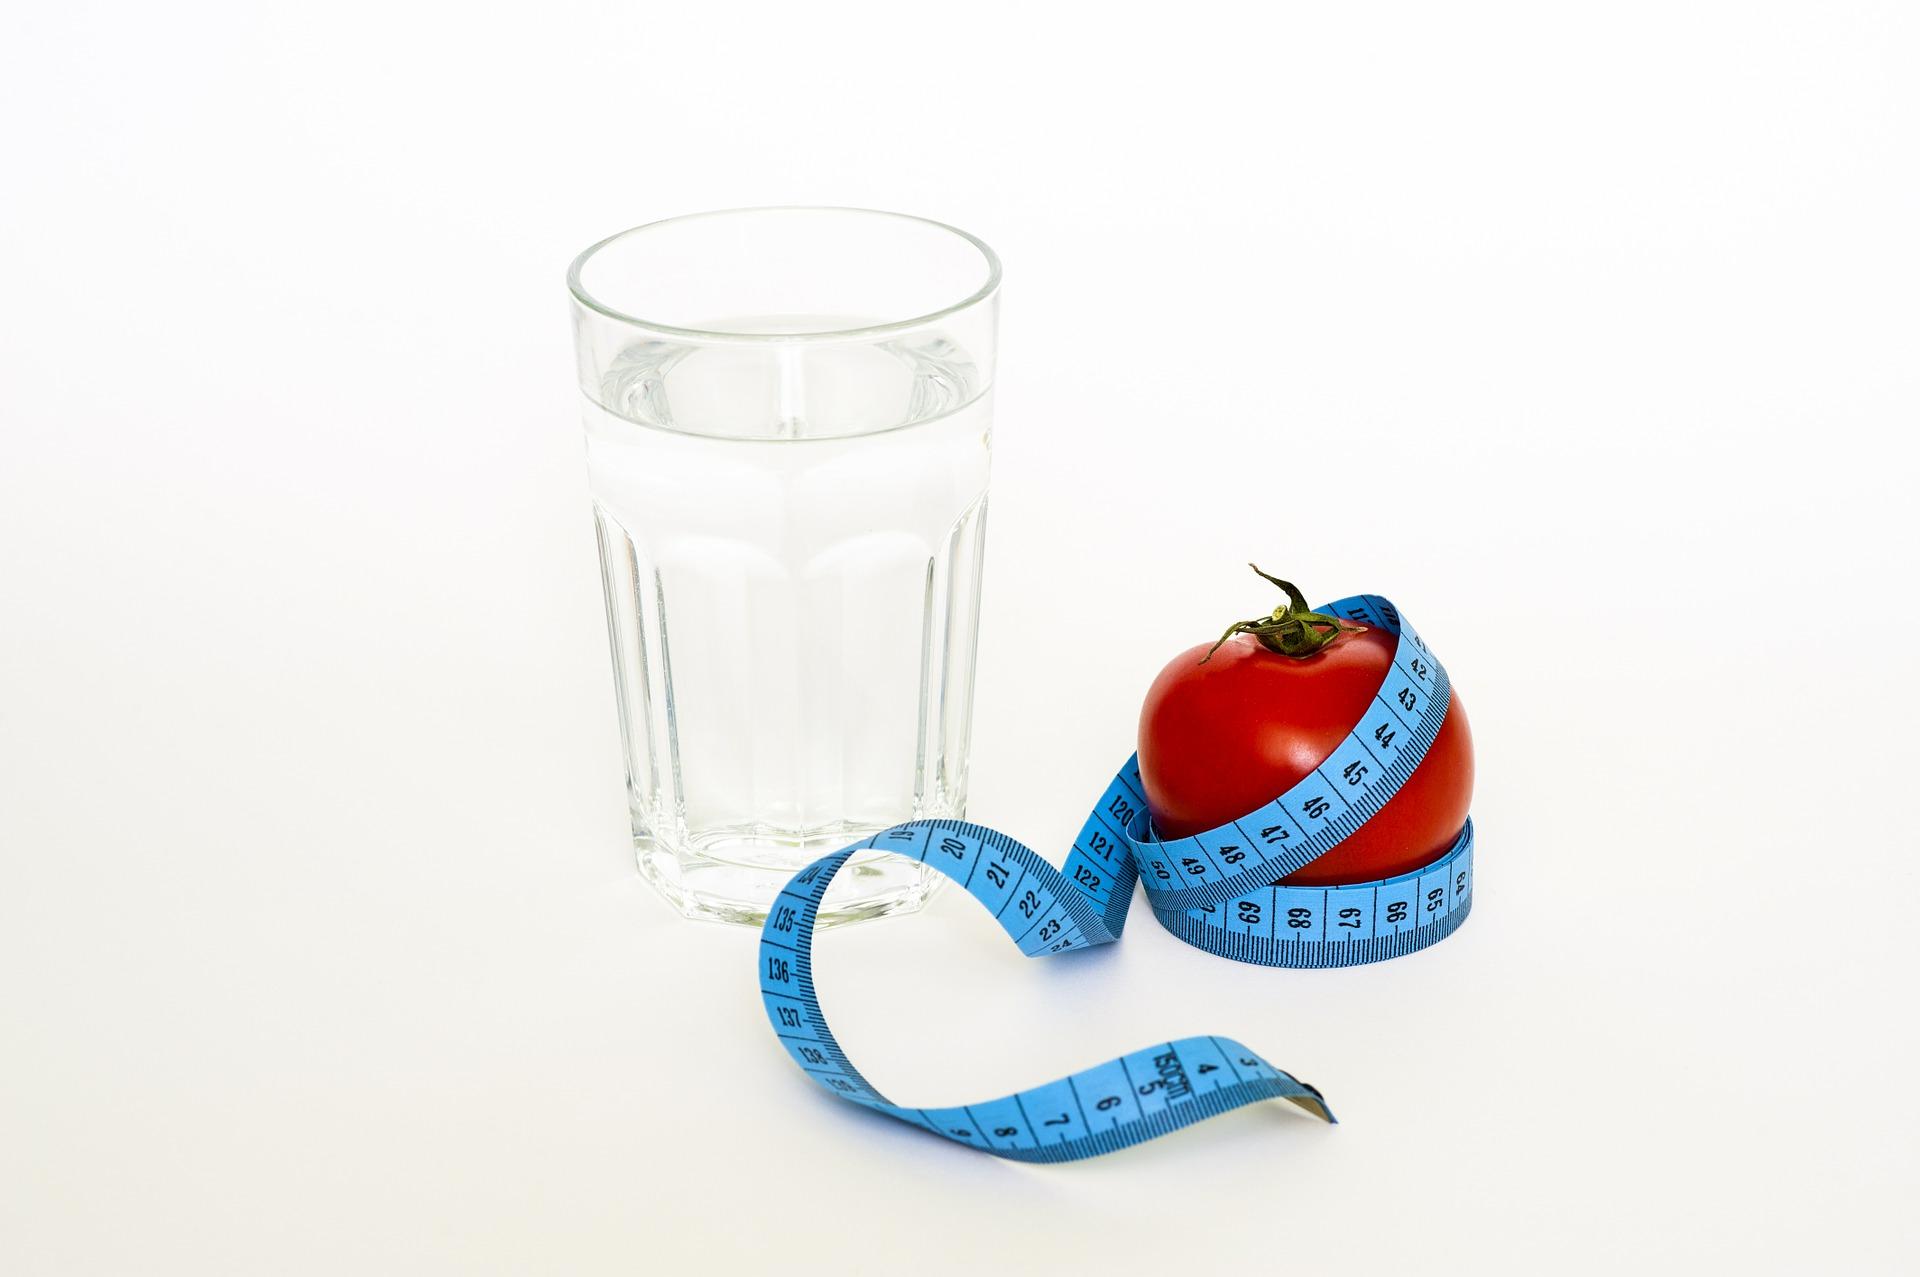 Perdre du poids, les astuces pour réussir rapidement.